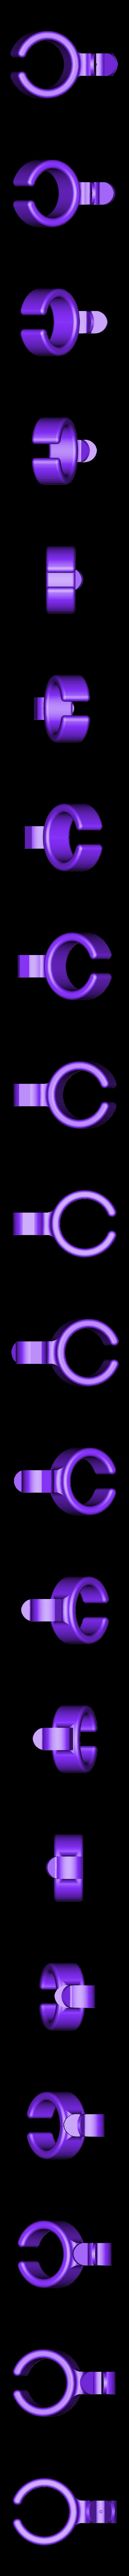 smoker_ring.stl Télécharger fichier STL gratuit anneau de cigarette • Plan pour imprimante 3D, hitchabout